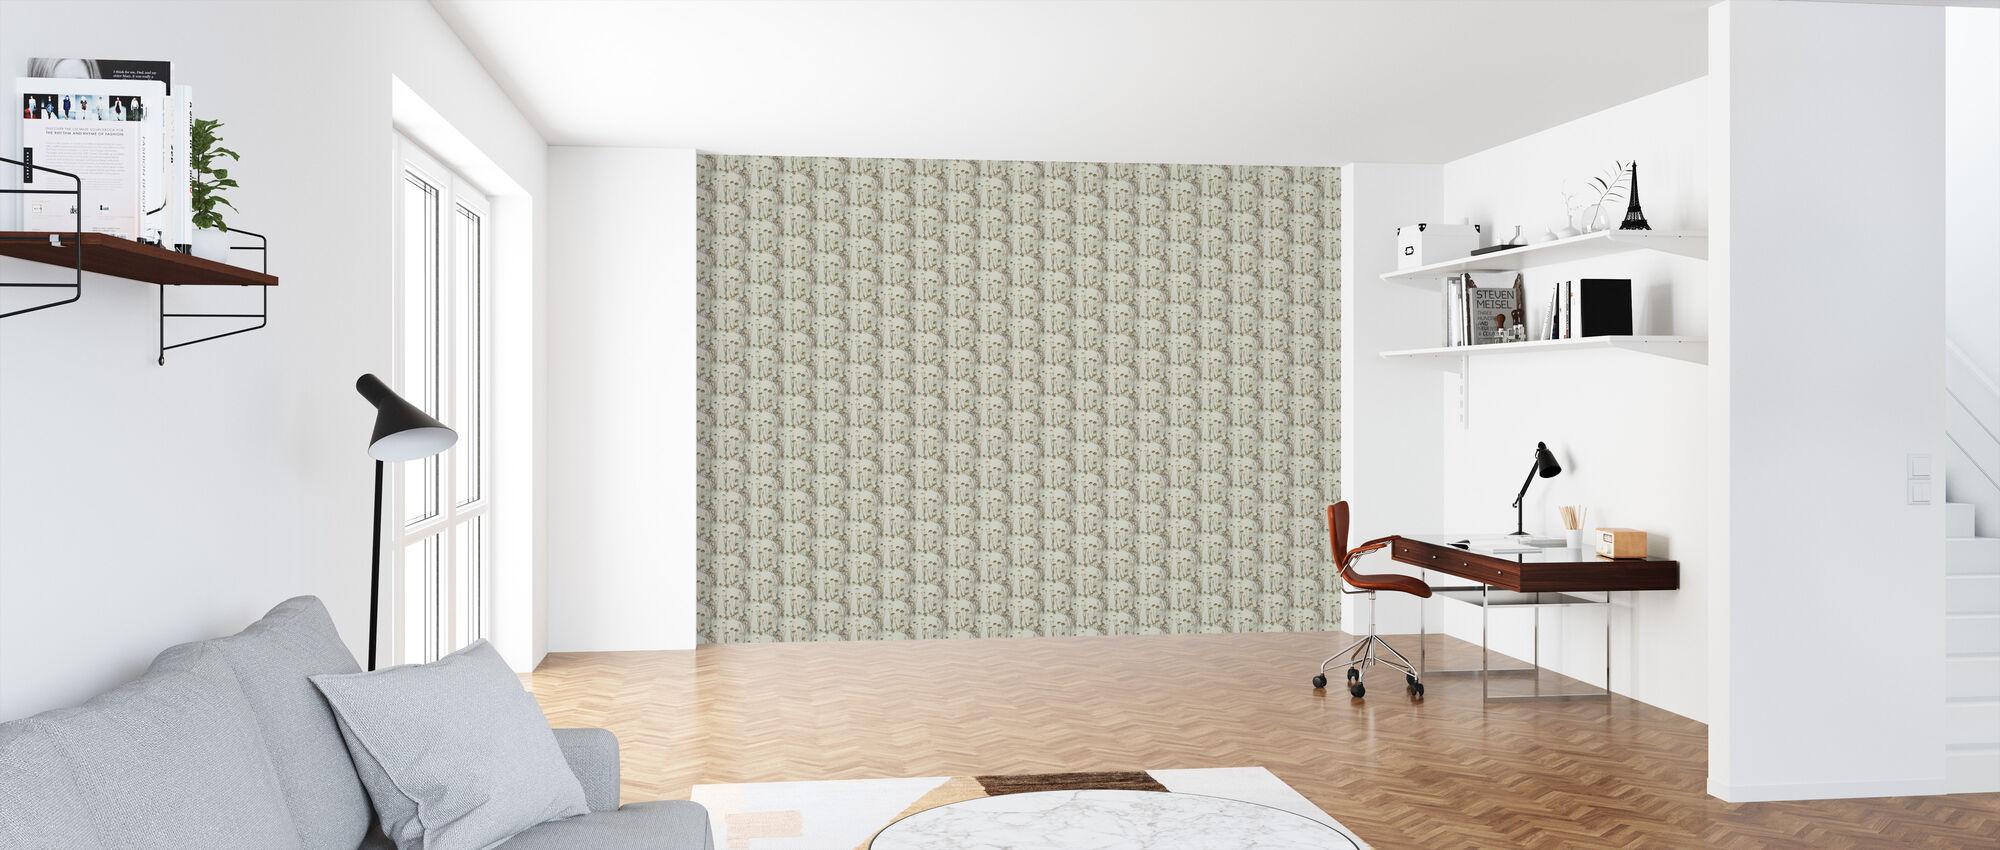 Golden Weeds - Wallpaper - Office